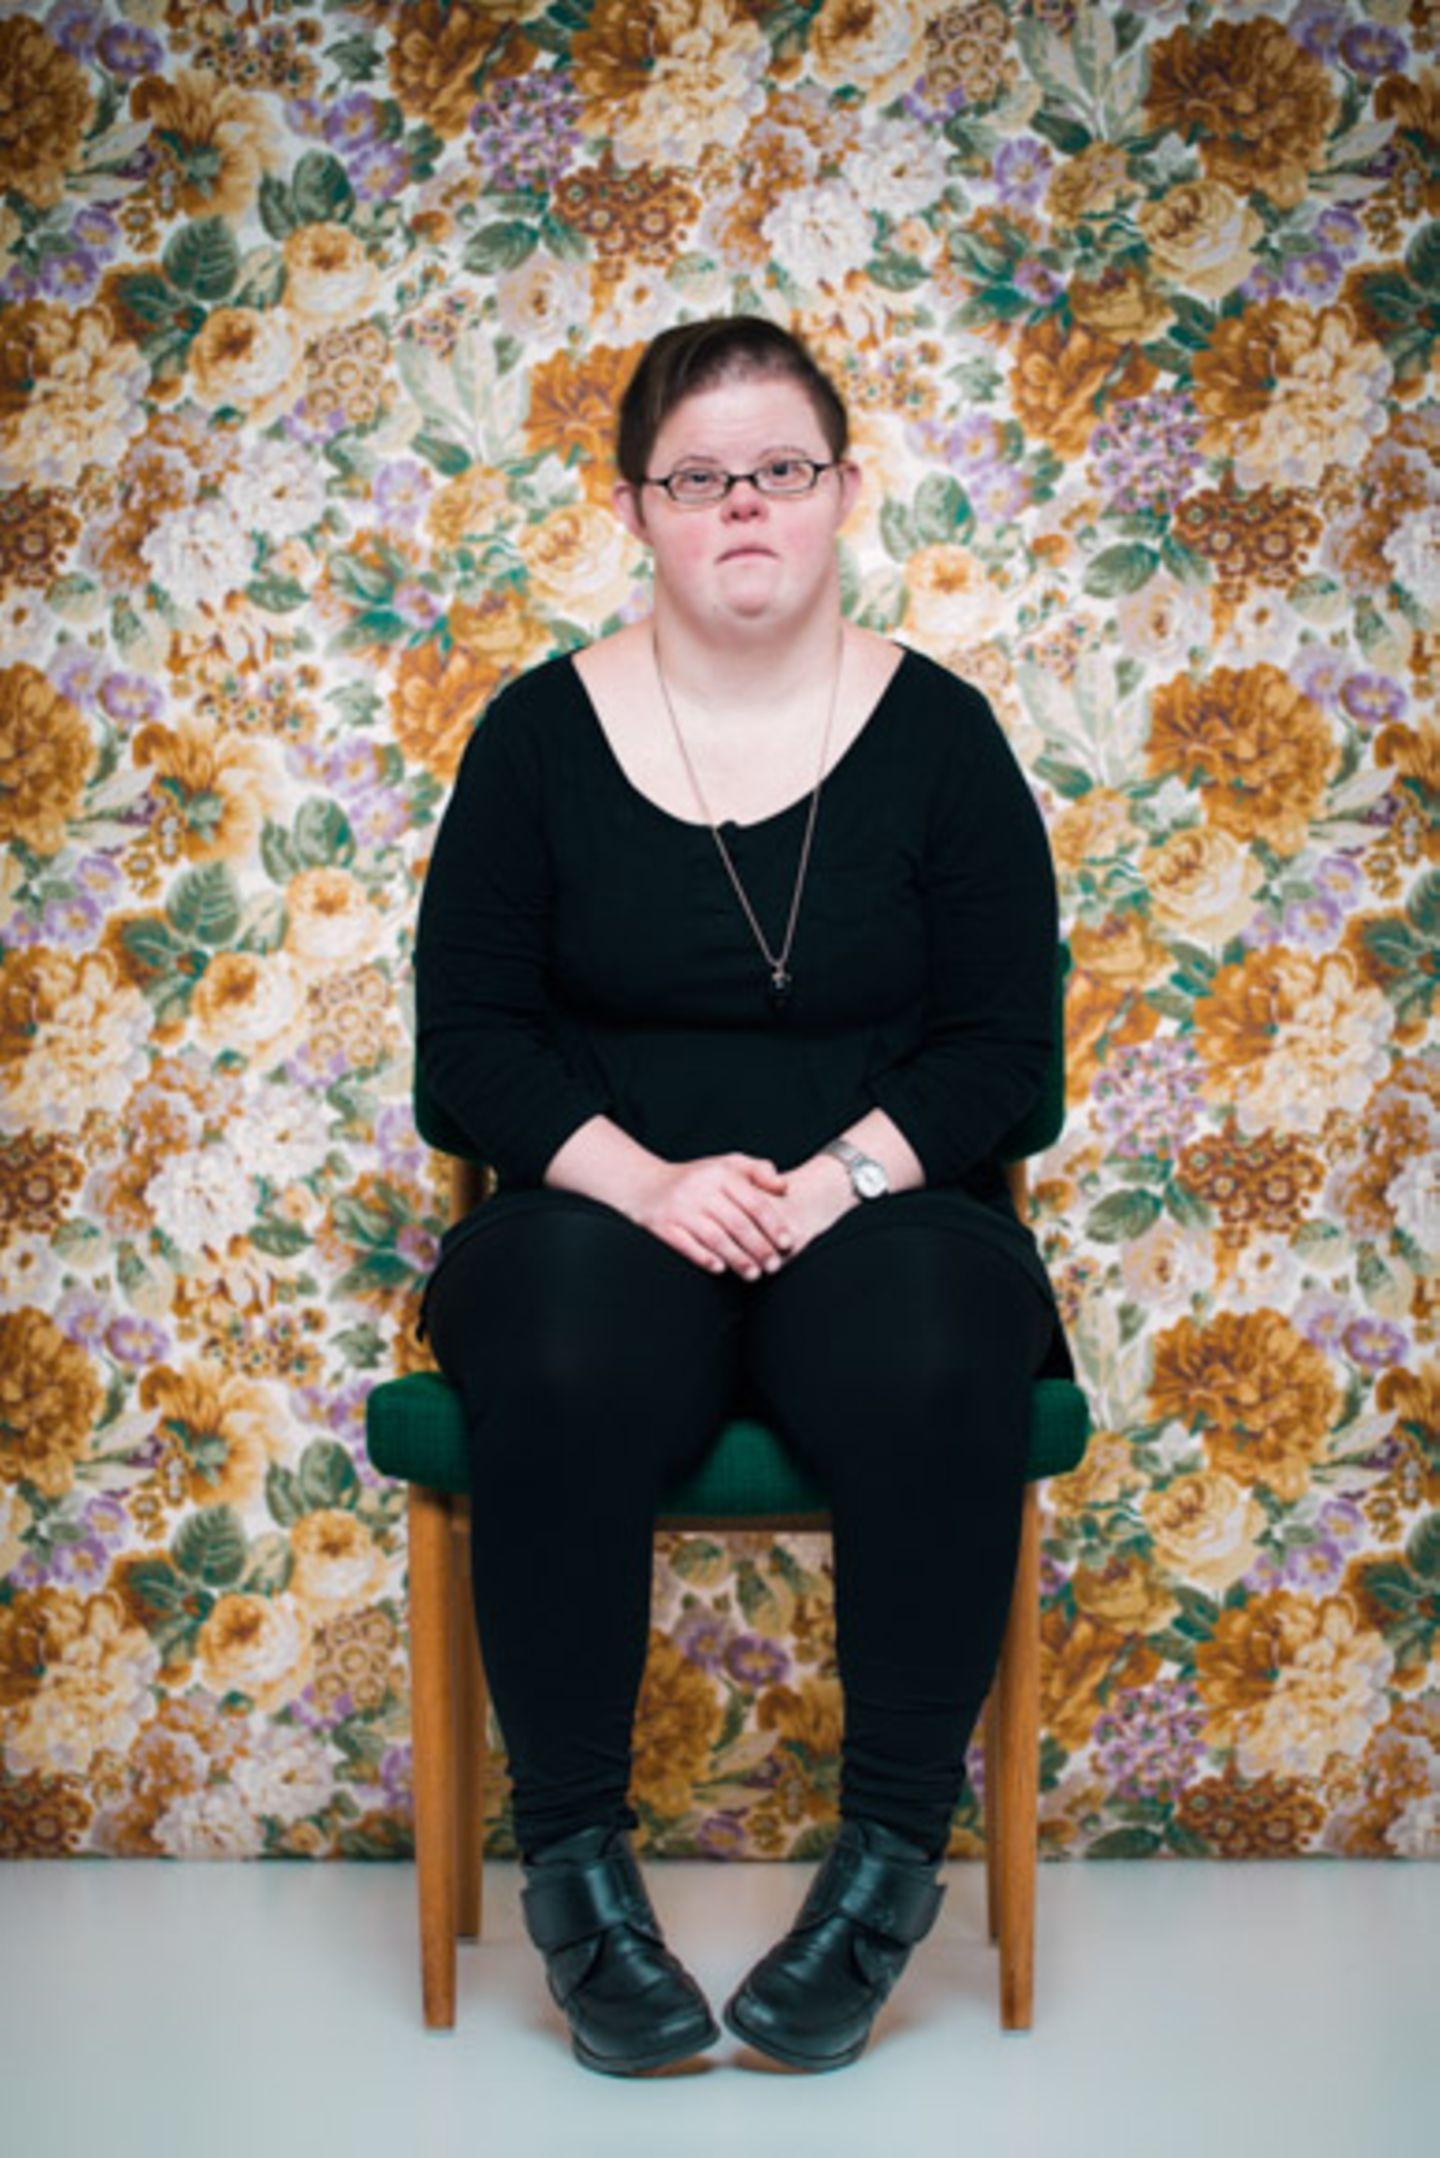 Dieses Fotoprojekt sagt Ja zum Leben mit Trisomie 21